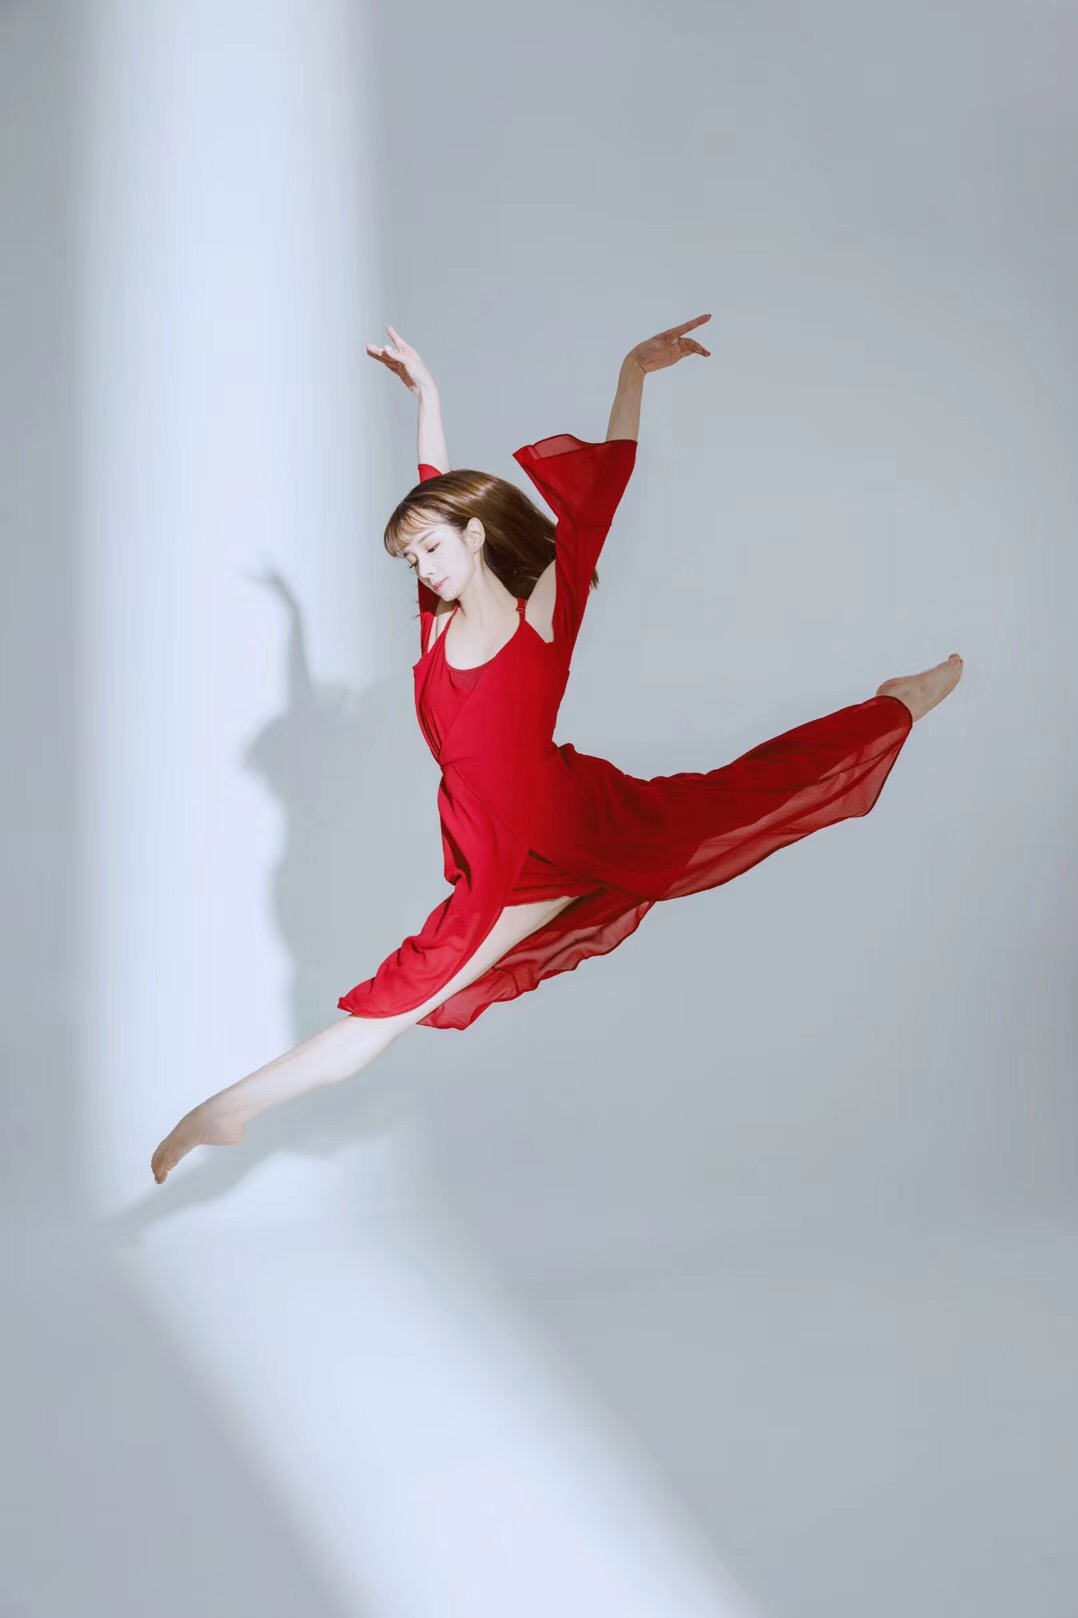 16年舞蹈专业背景